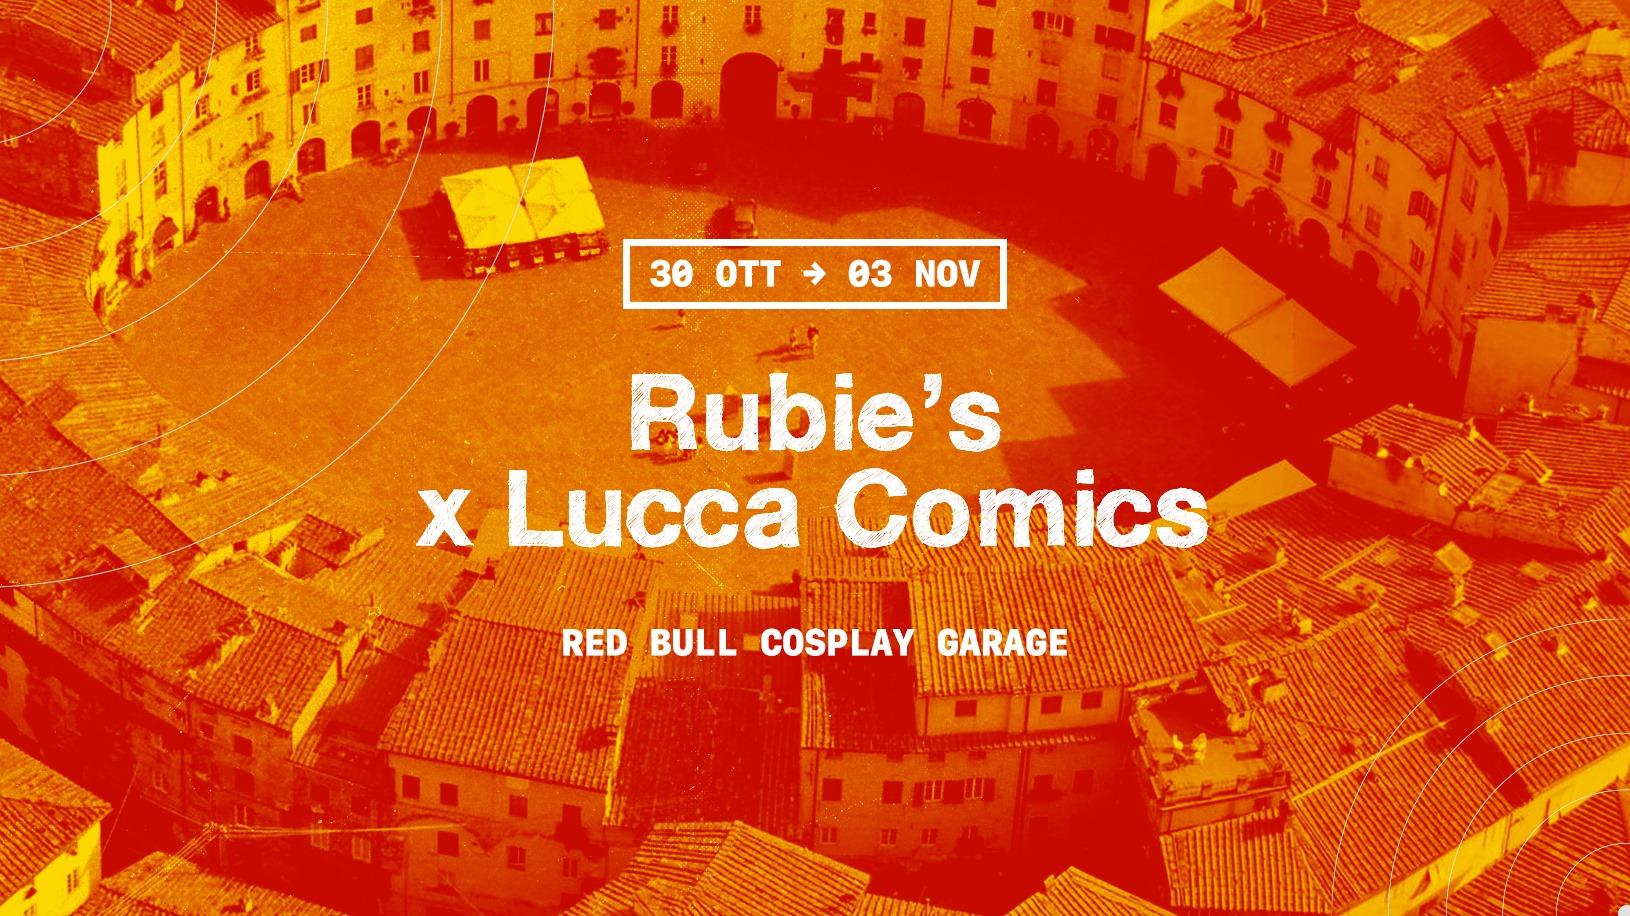 rubies lucca comics